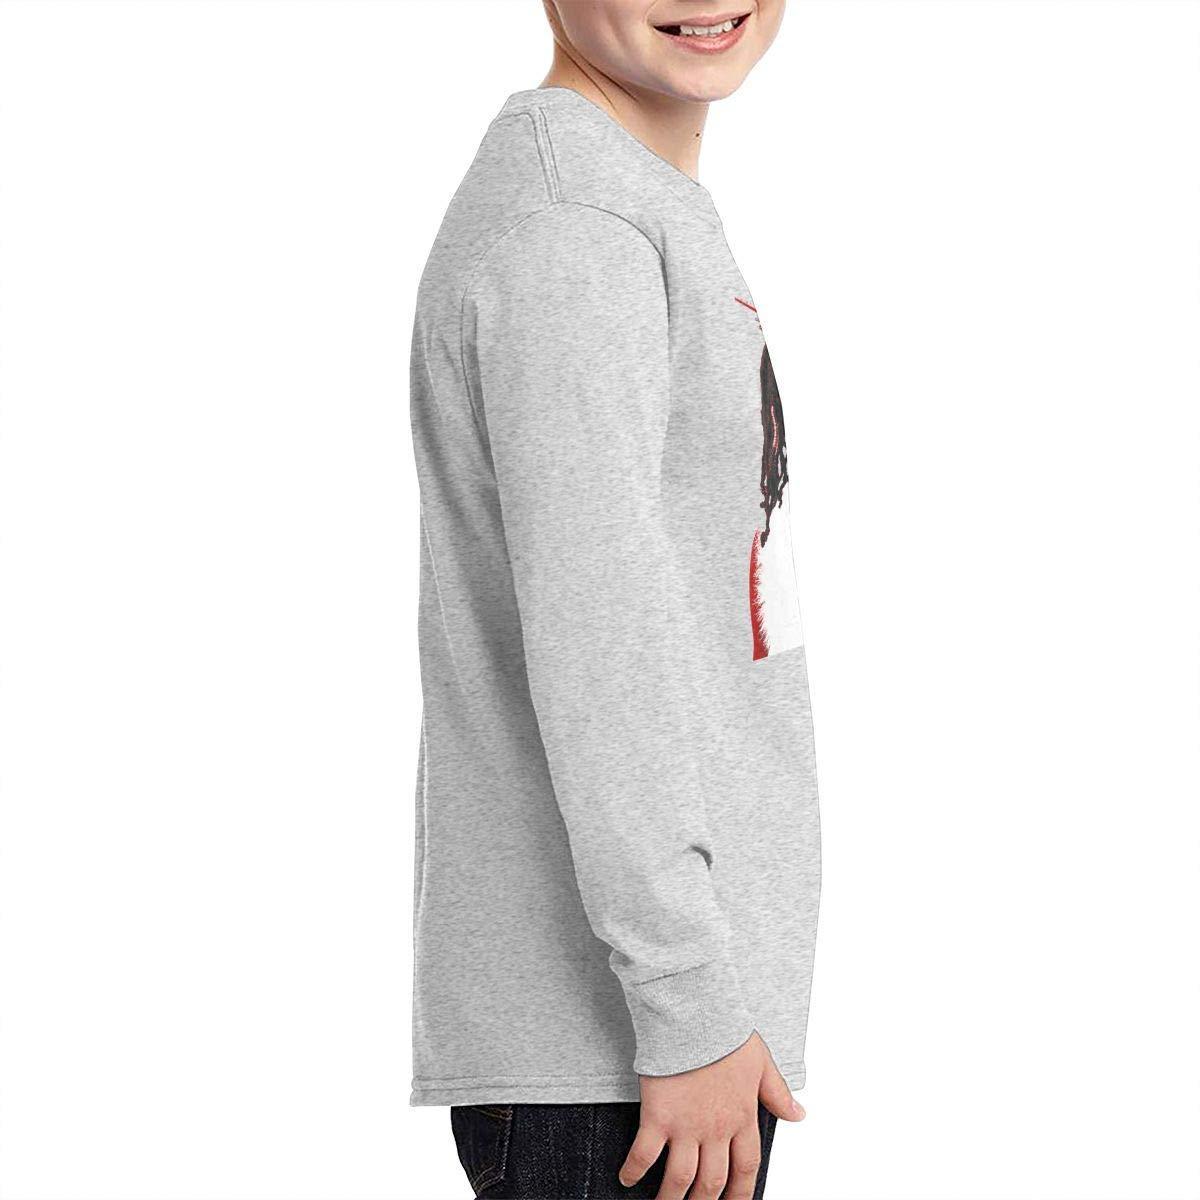 TWOSKILL Youth YNW-Melly Long Sleeves Shirt Boys Girls